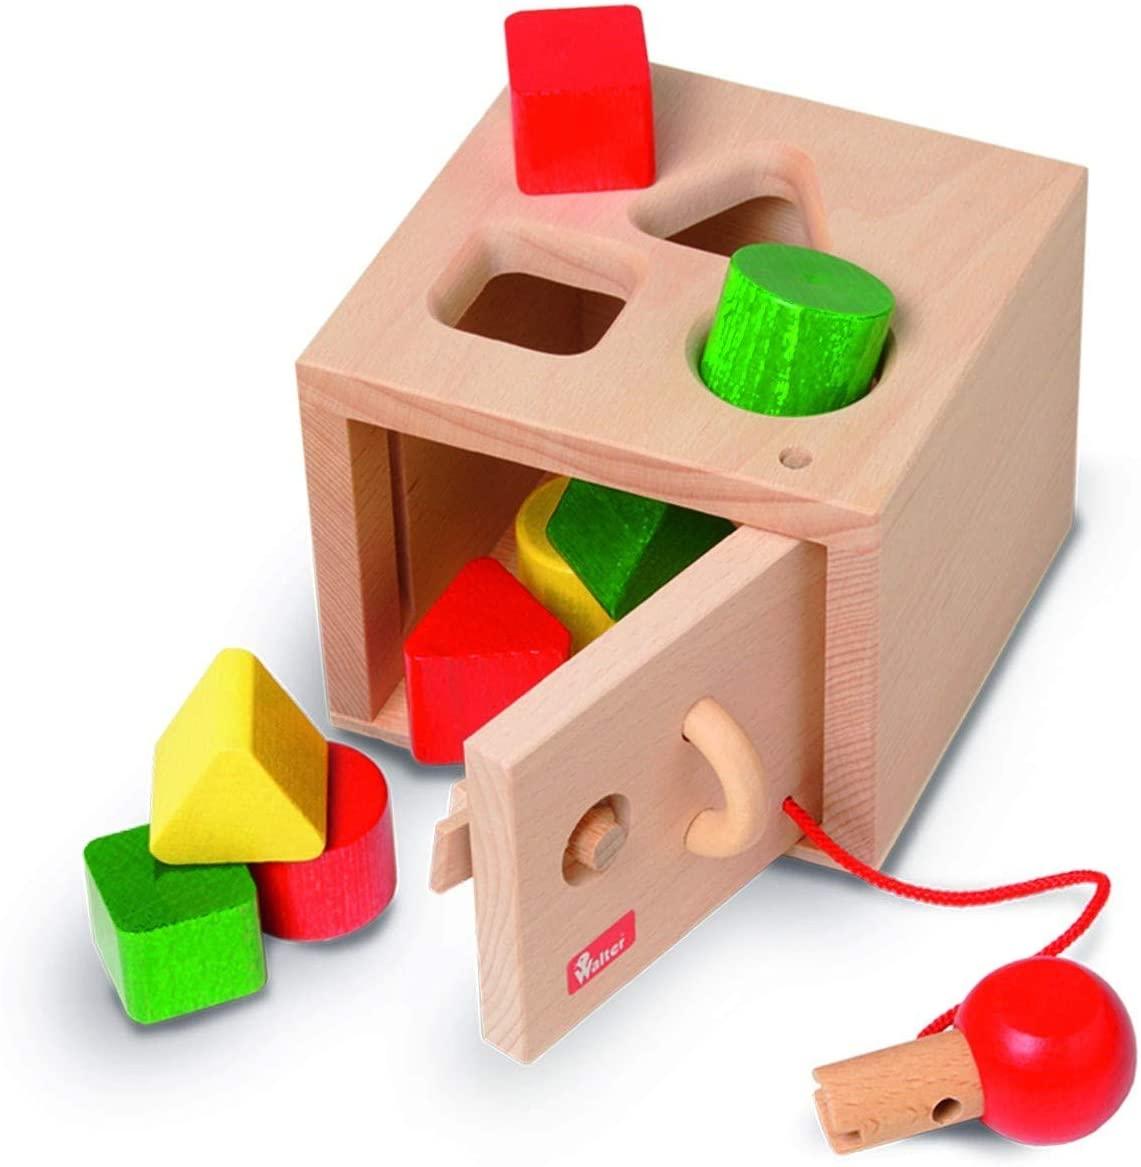 型はめパズルのおすすめ12選!やわらかいタイプや木製も